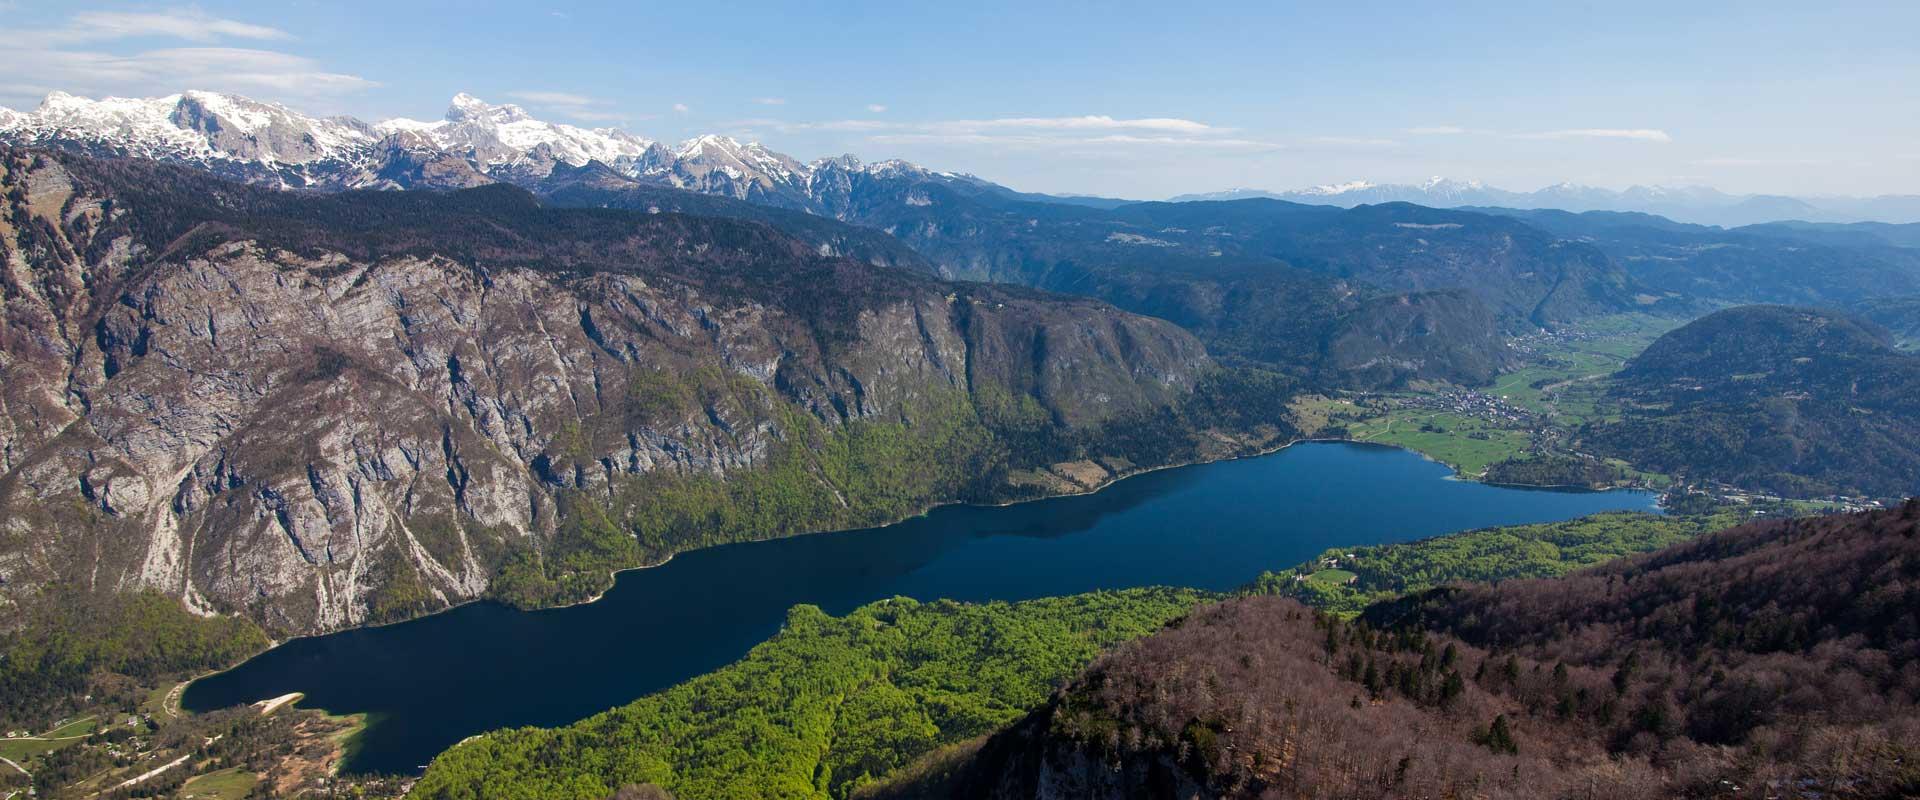 Slovenske søer og dale